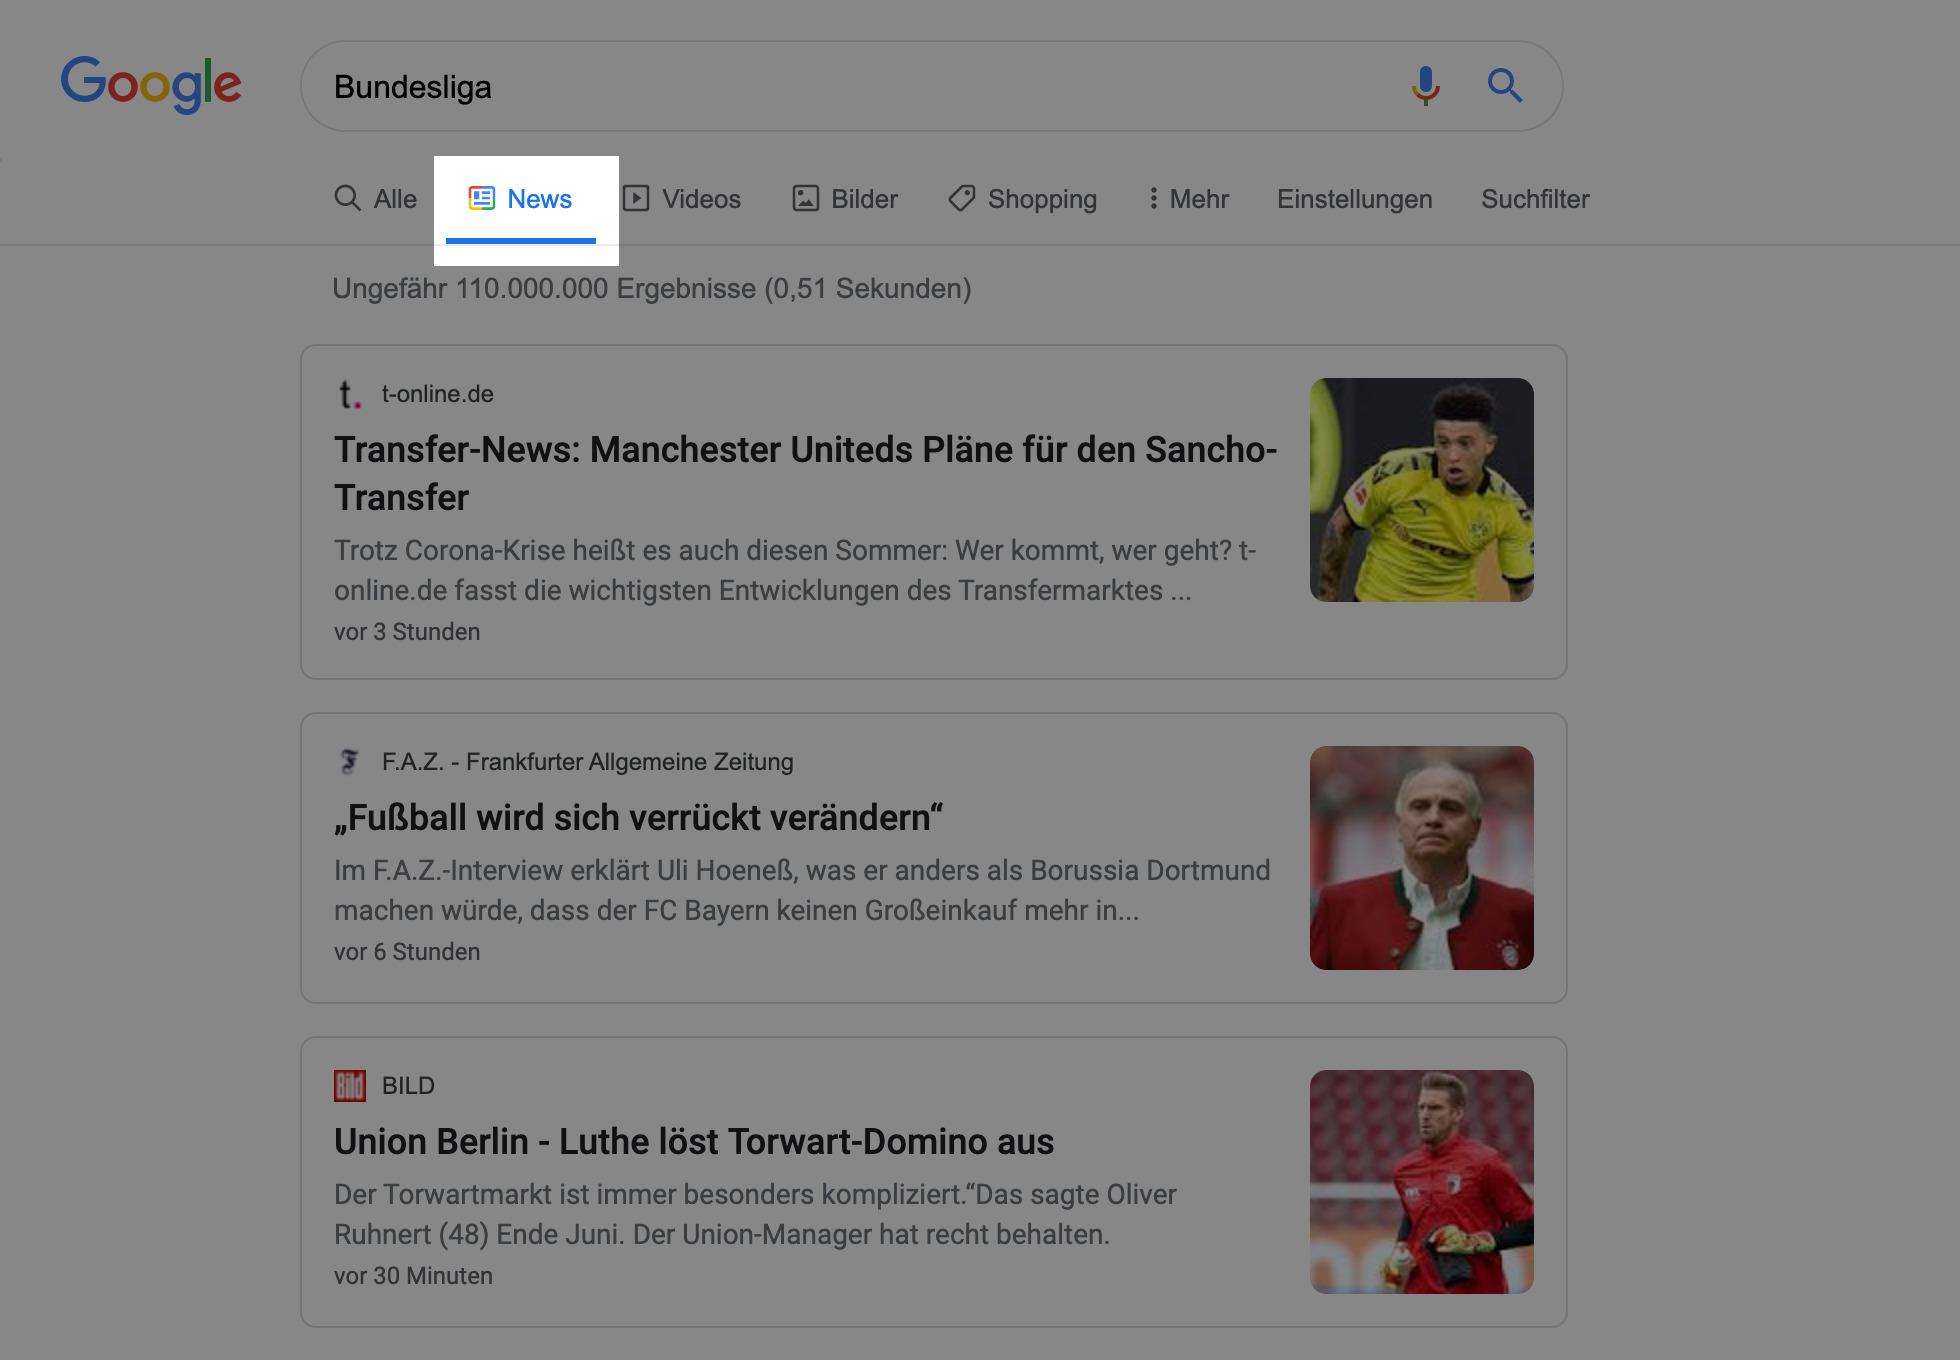 """Bild einer Goolge-Desktop-Suche nach """"Bundesliga"""". Die vertikale Suche """"Google News"""" ist hervorgehoben."""